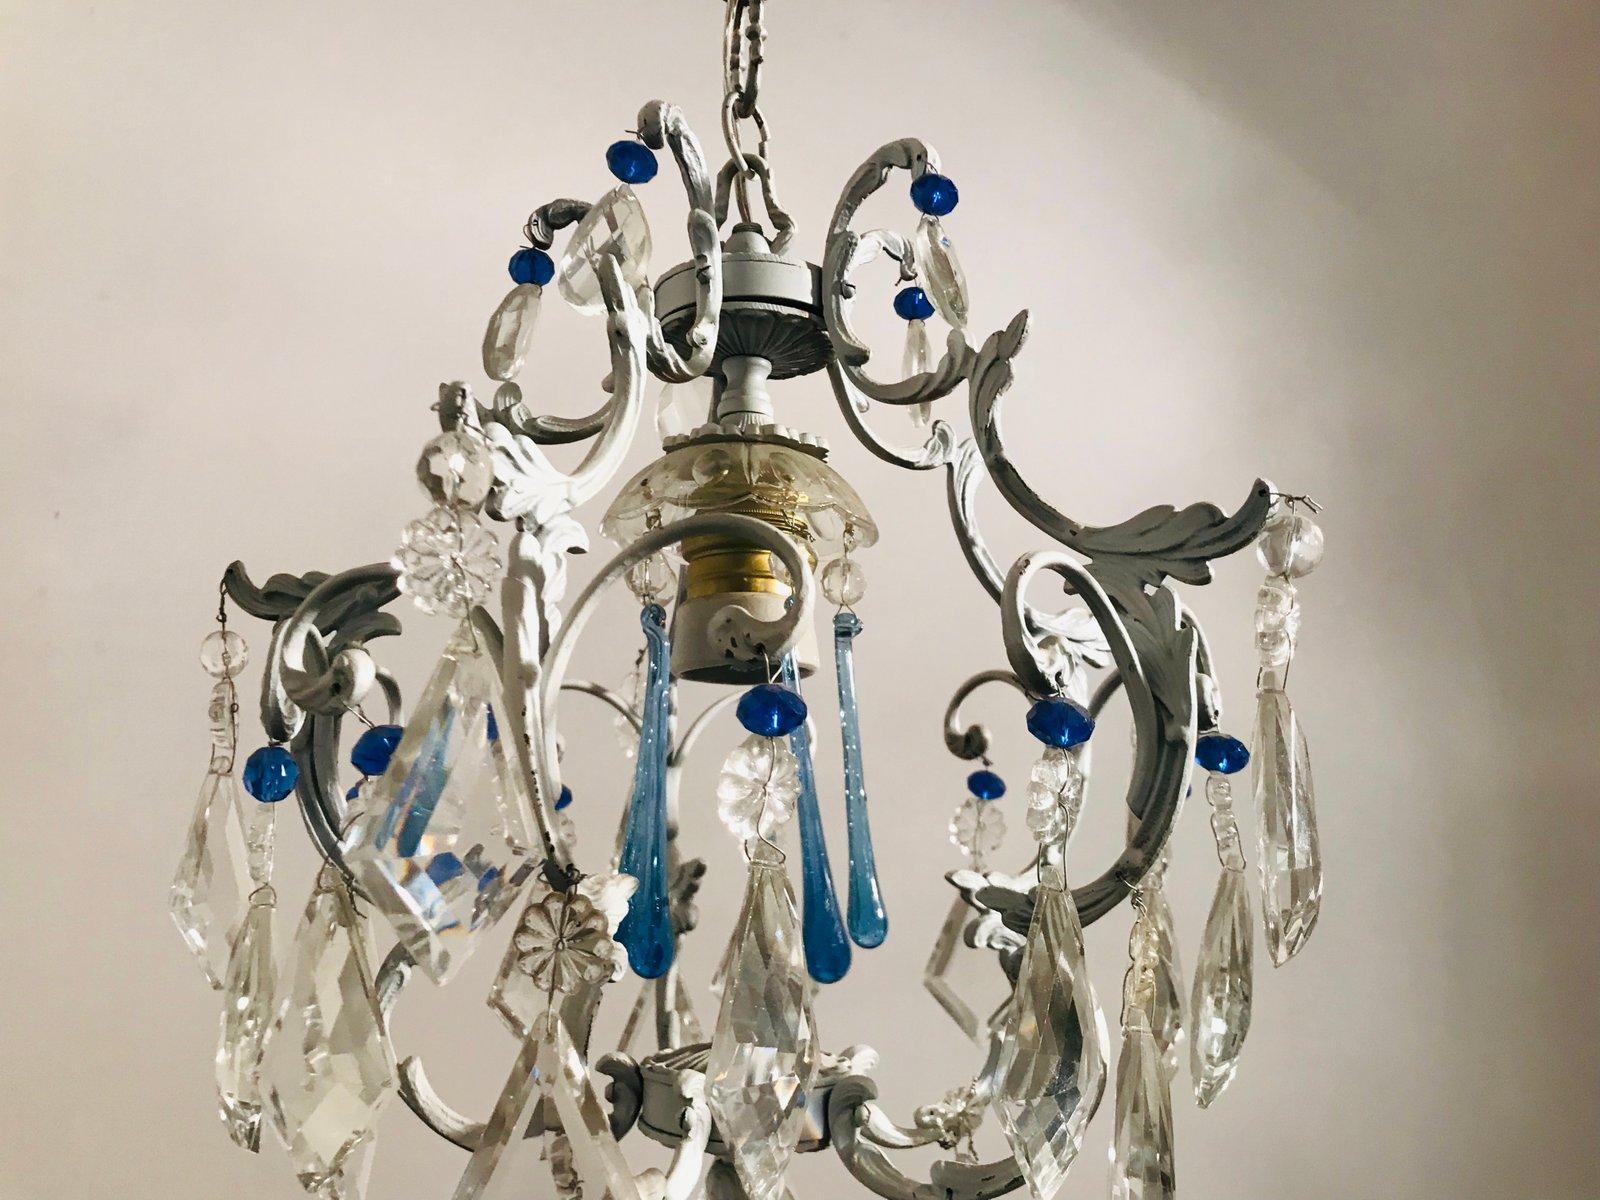 Lampadario vintage in cristallo di murano in vendita su pamono